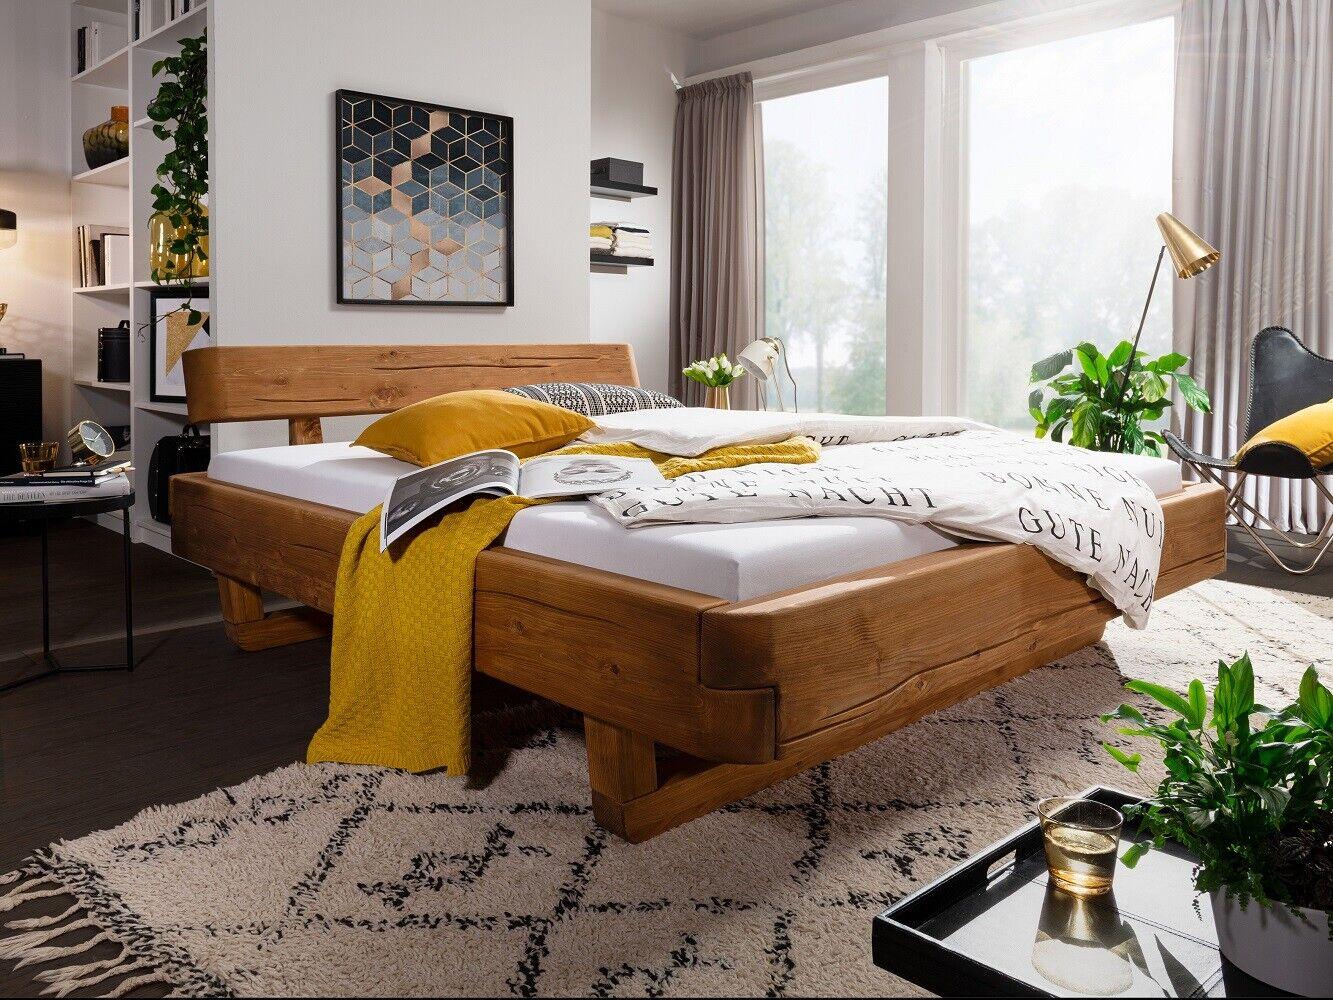 Balkenbett BE-0498 Fichte Tanne massiv eichefarbig Honig 180x200 cm Bett 1